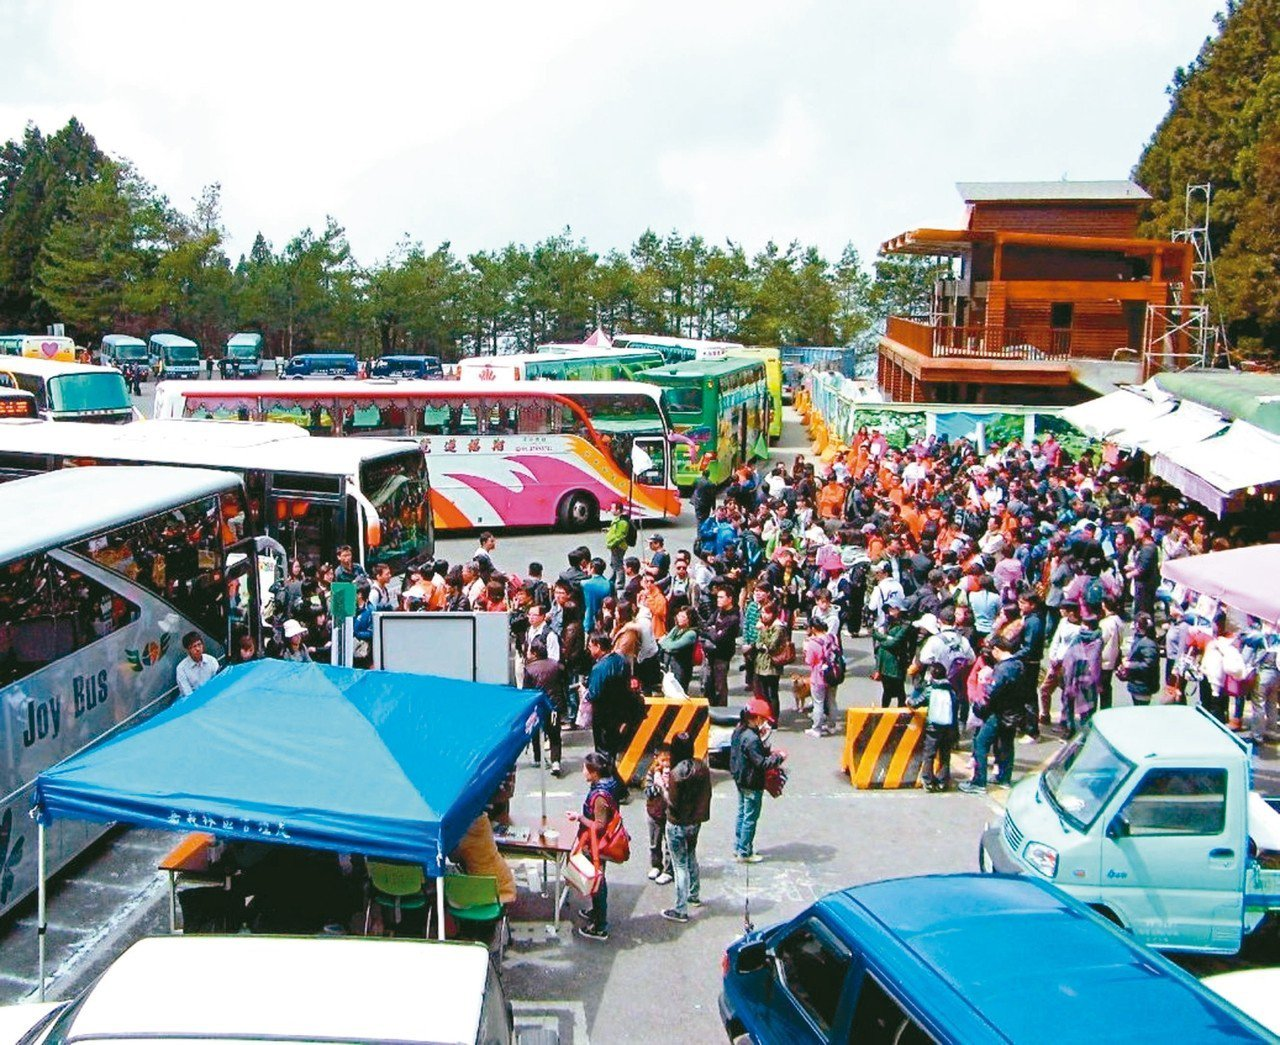 旅行業者表示,春遊補助打亂旅遊市場,最近遊覽車供不應求。 圖/聯合報系資料照片